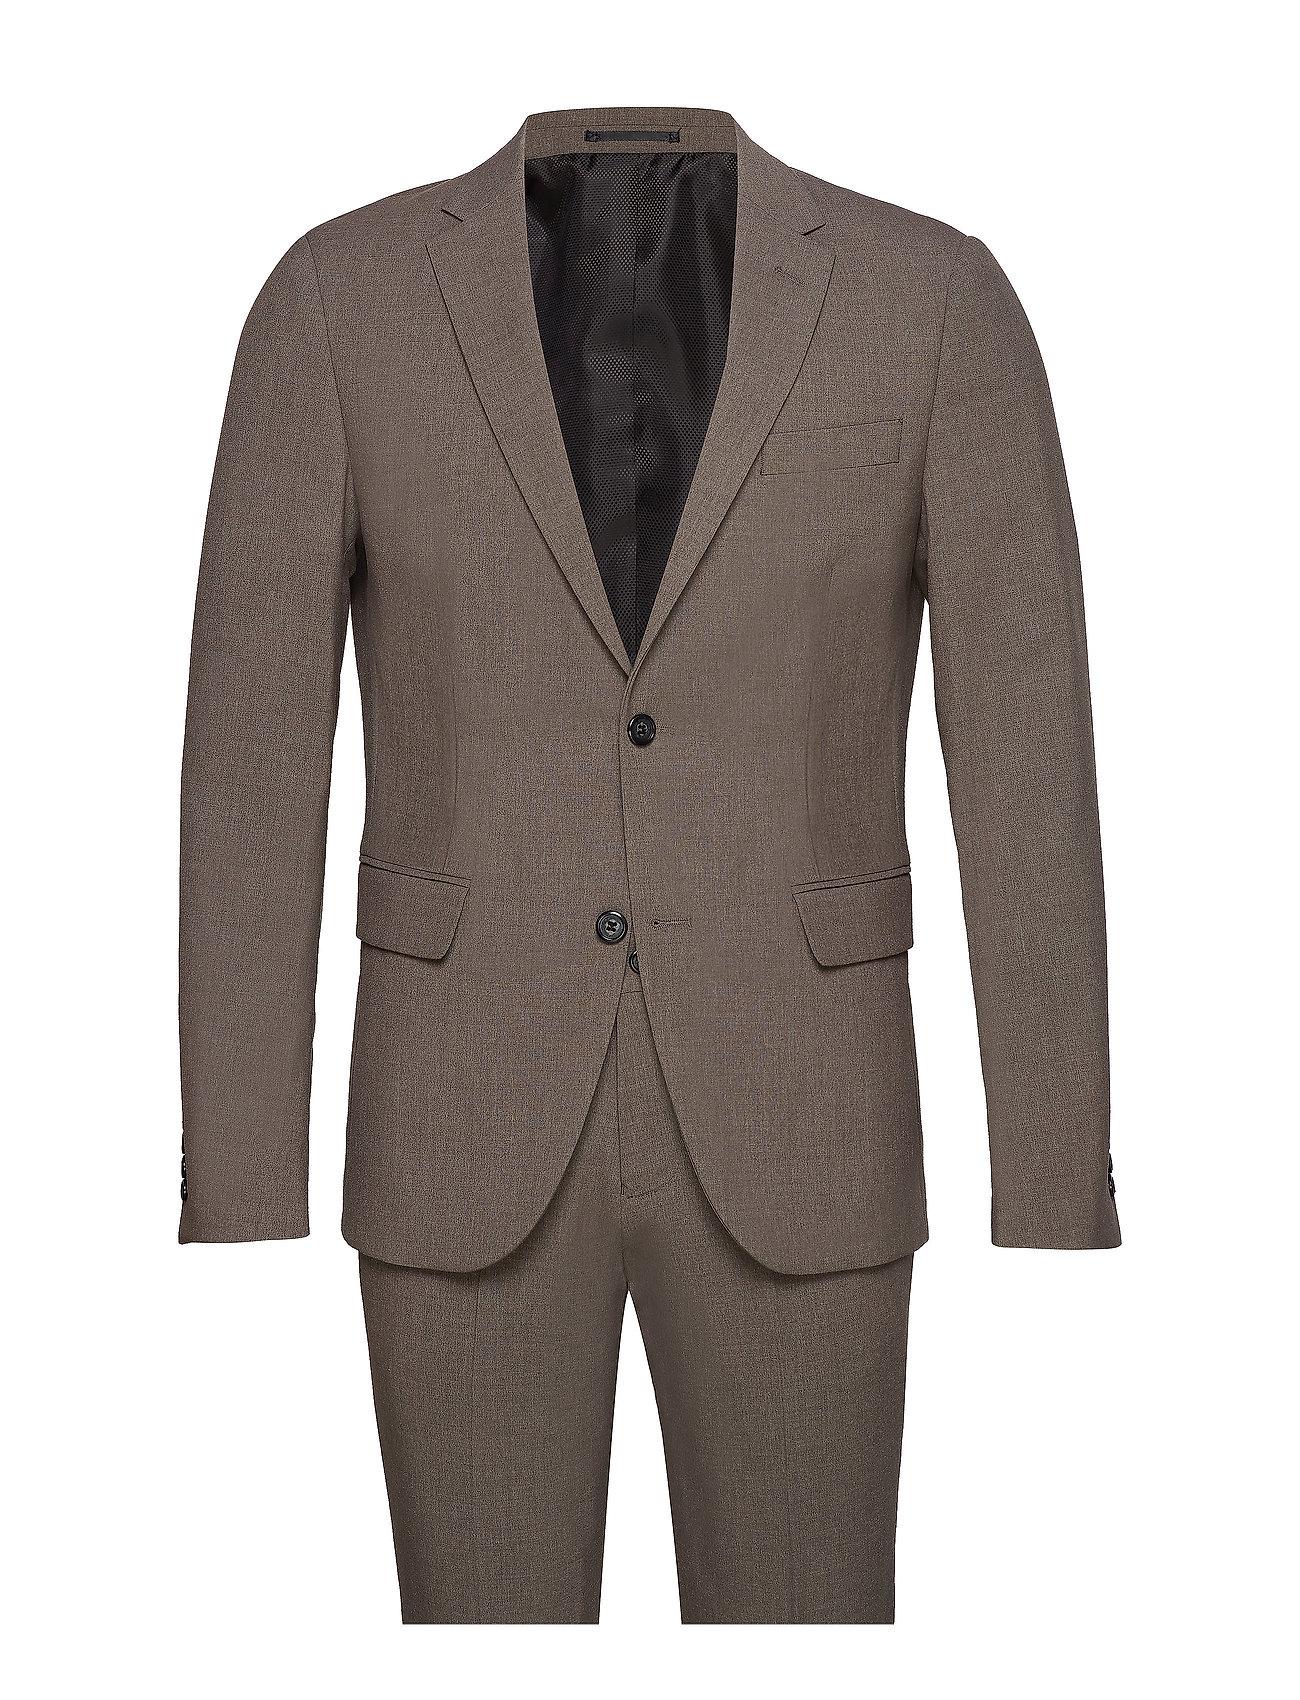 Image of Plain Mens Suit Habit Brun Lindbergh (3528656905)